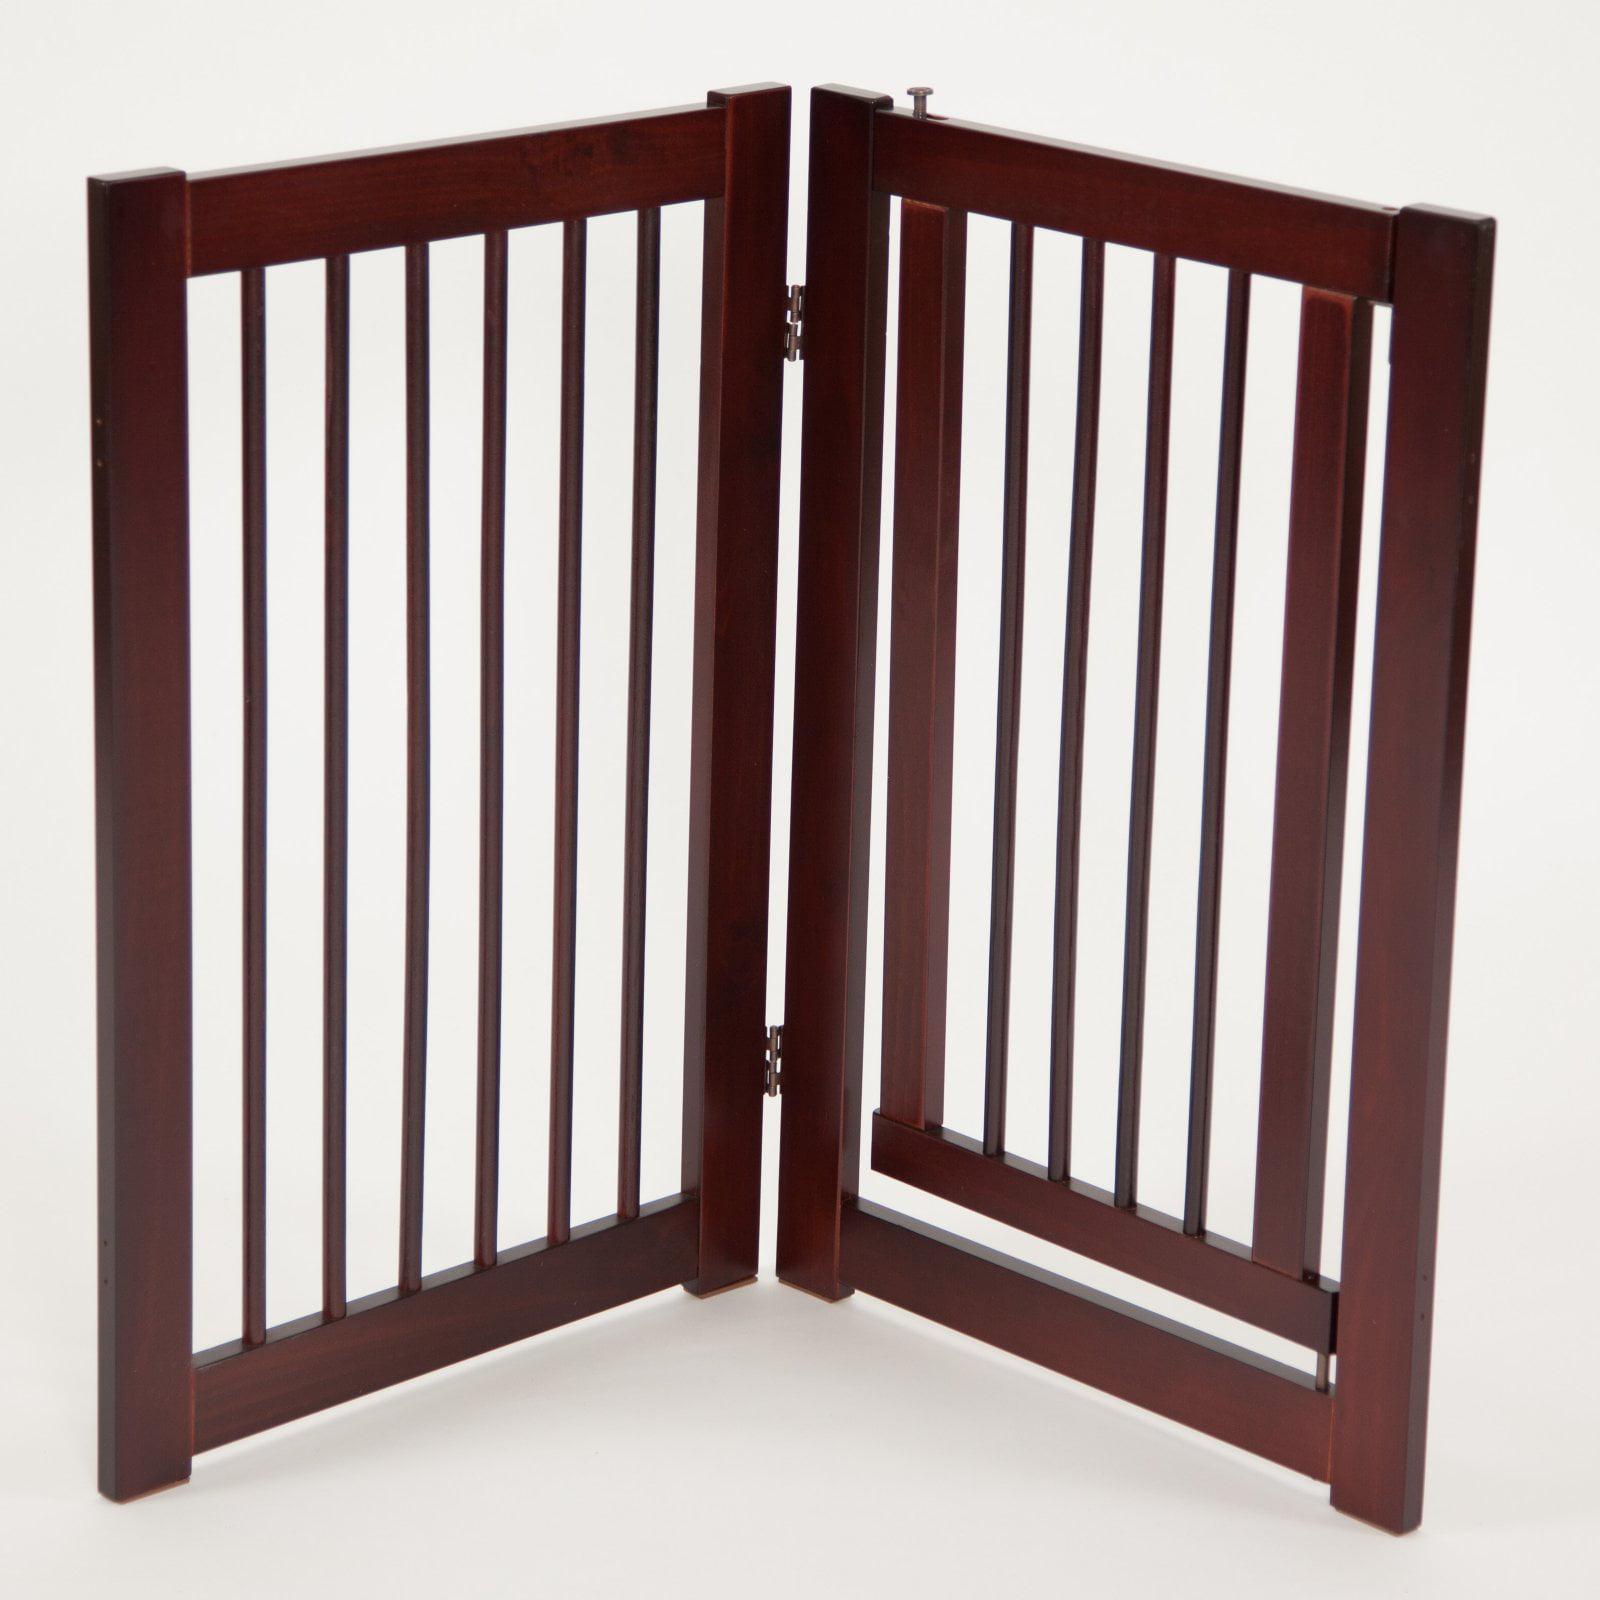 Primetime Petz 360 Pet Gate Extension with Door, 30